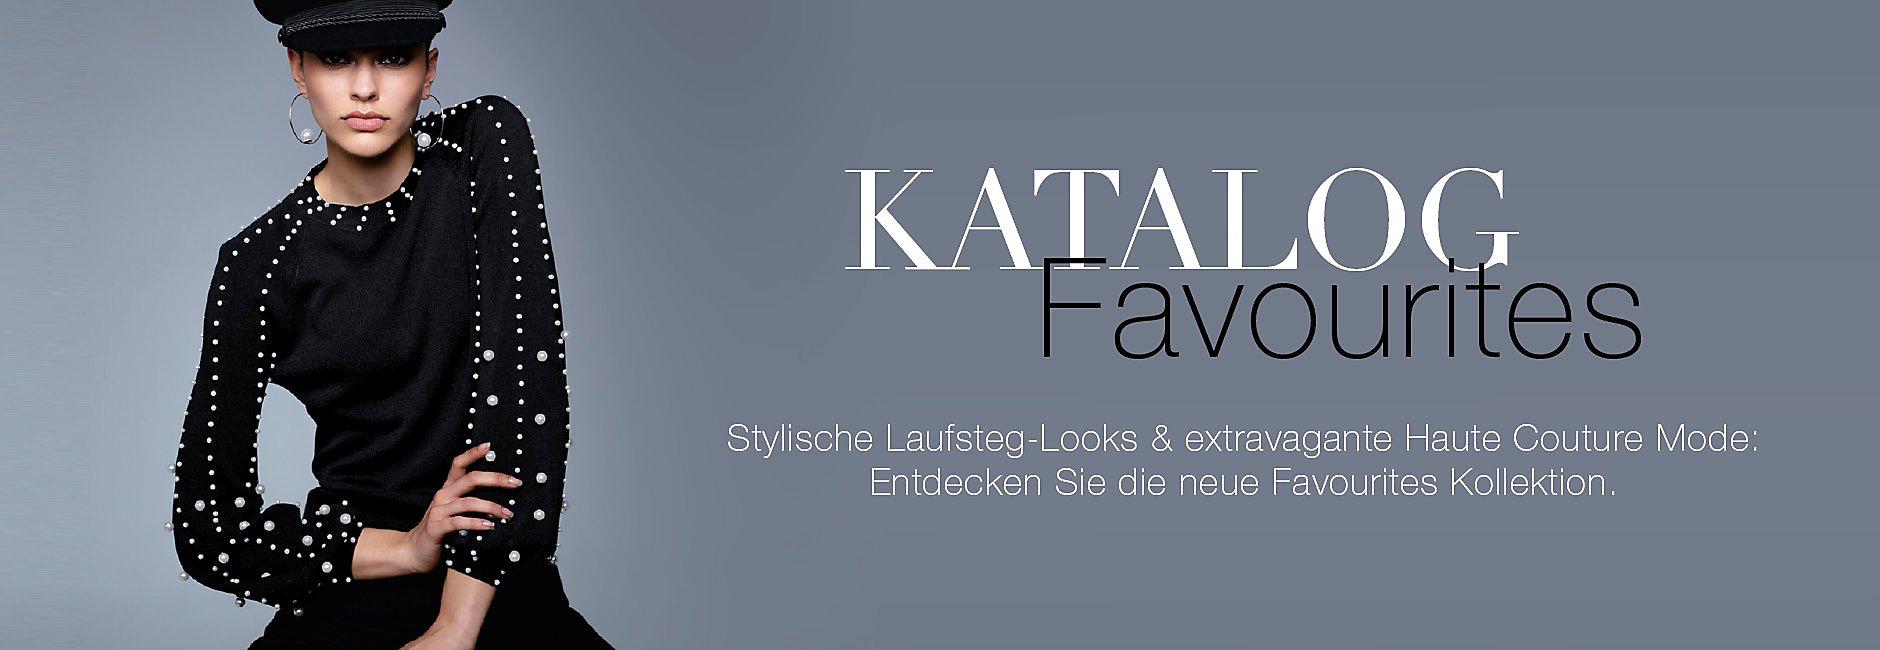 CHD_Kataloge_Fav_d.jpg